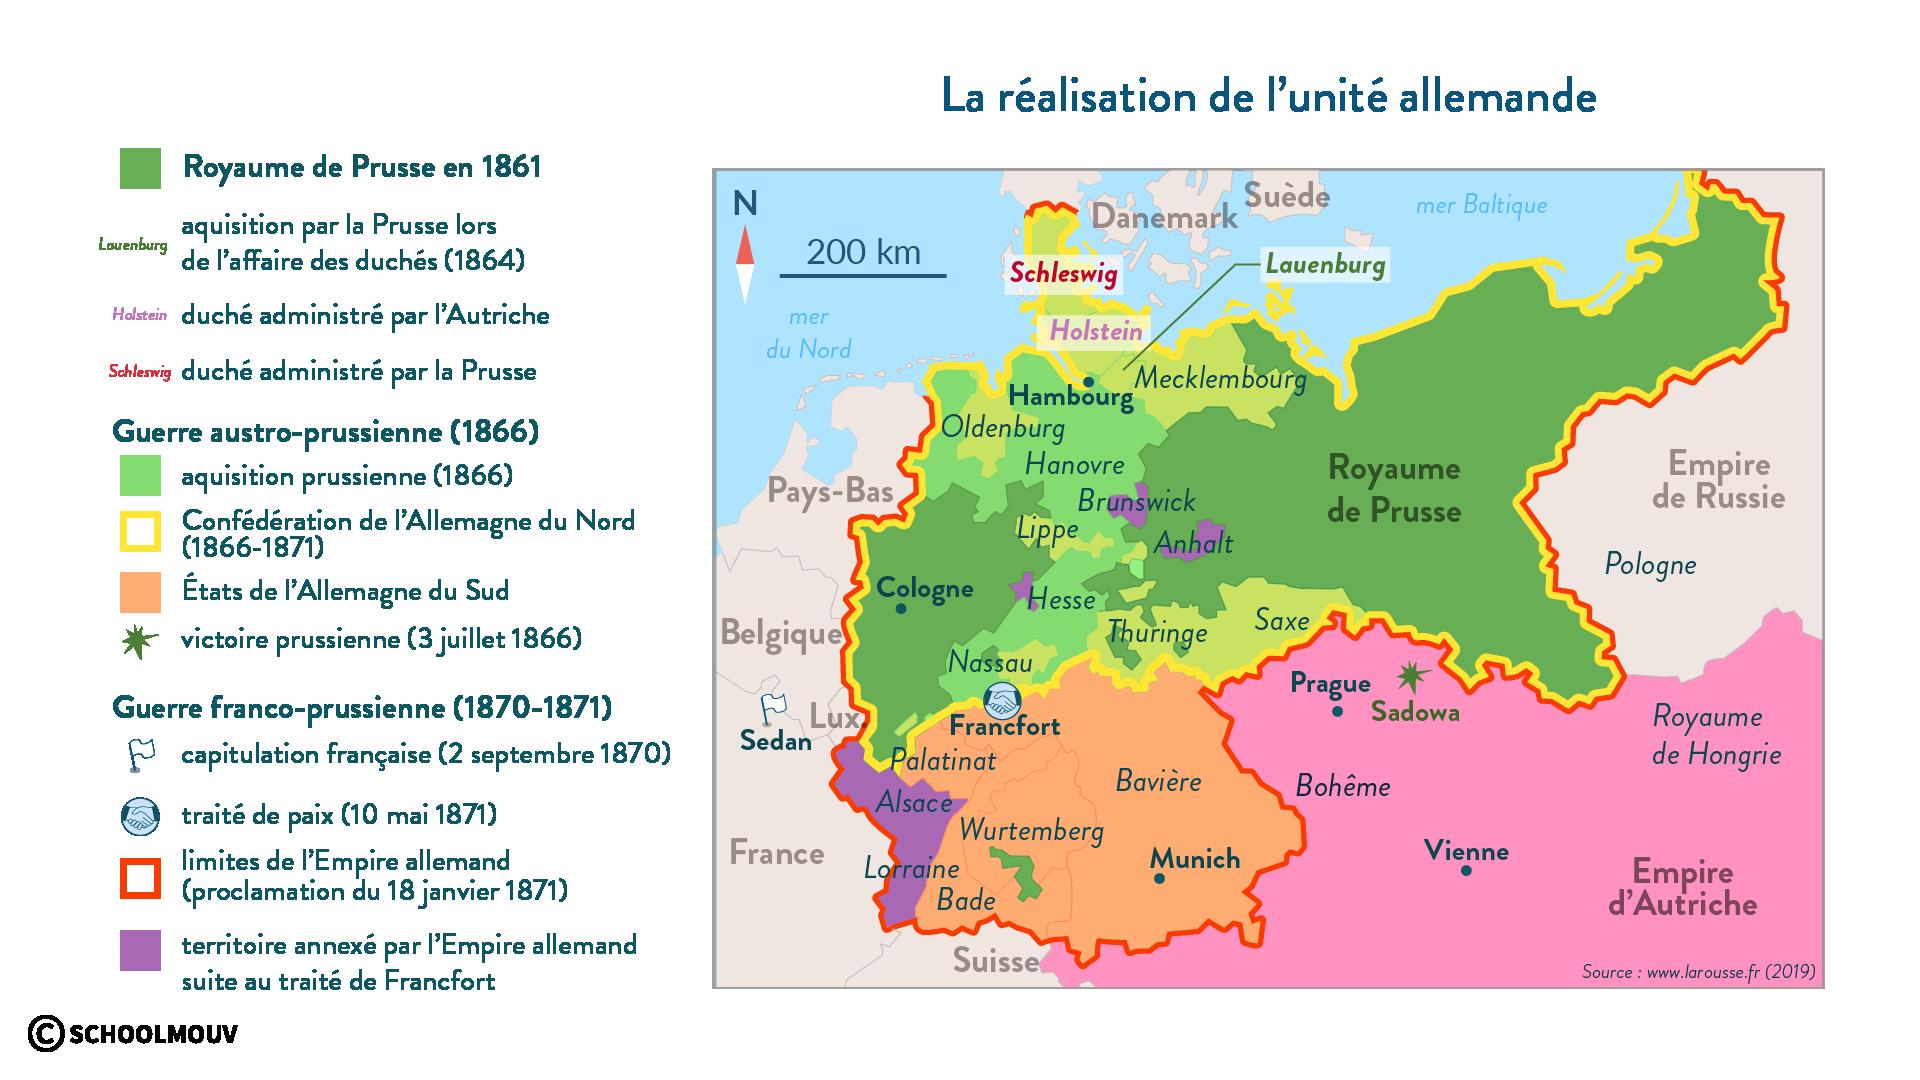 La réalisation de l'unité allemande - Histoire - 1re - SchoolMouv